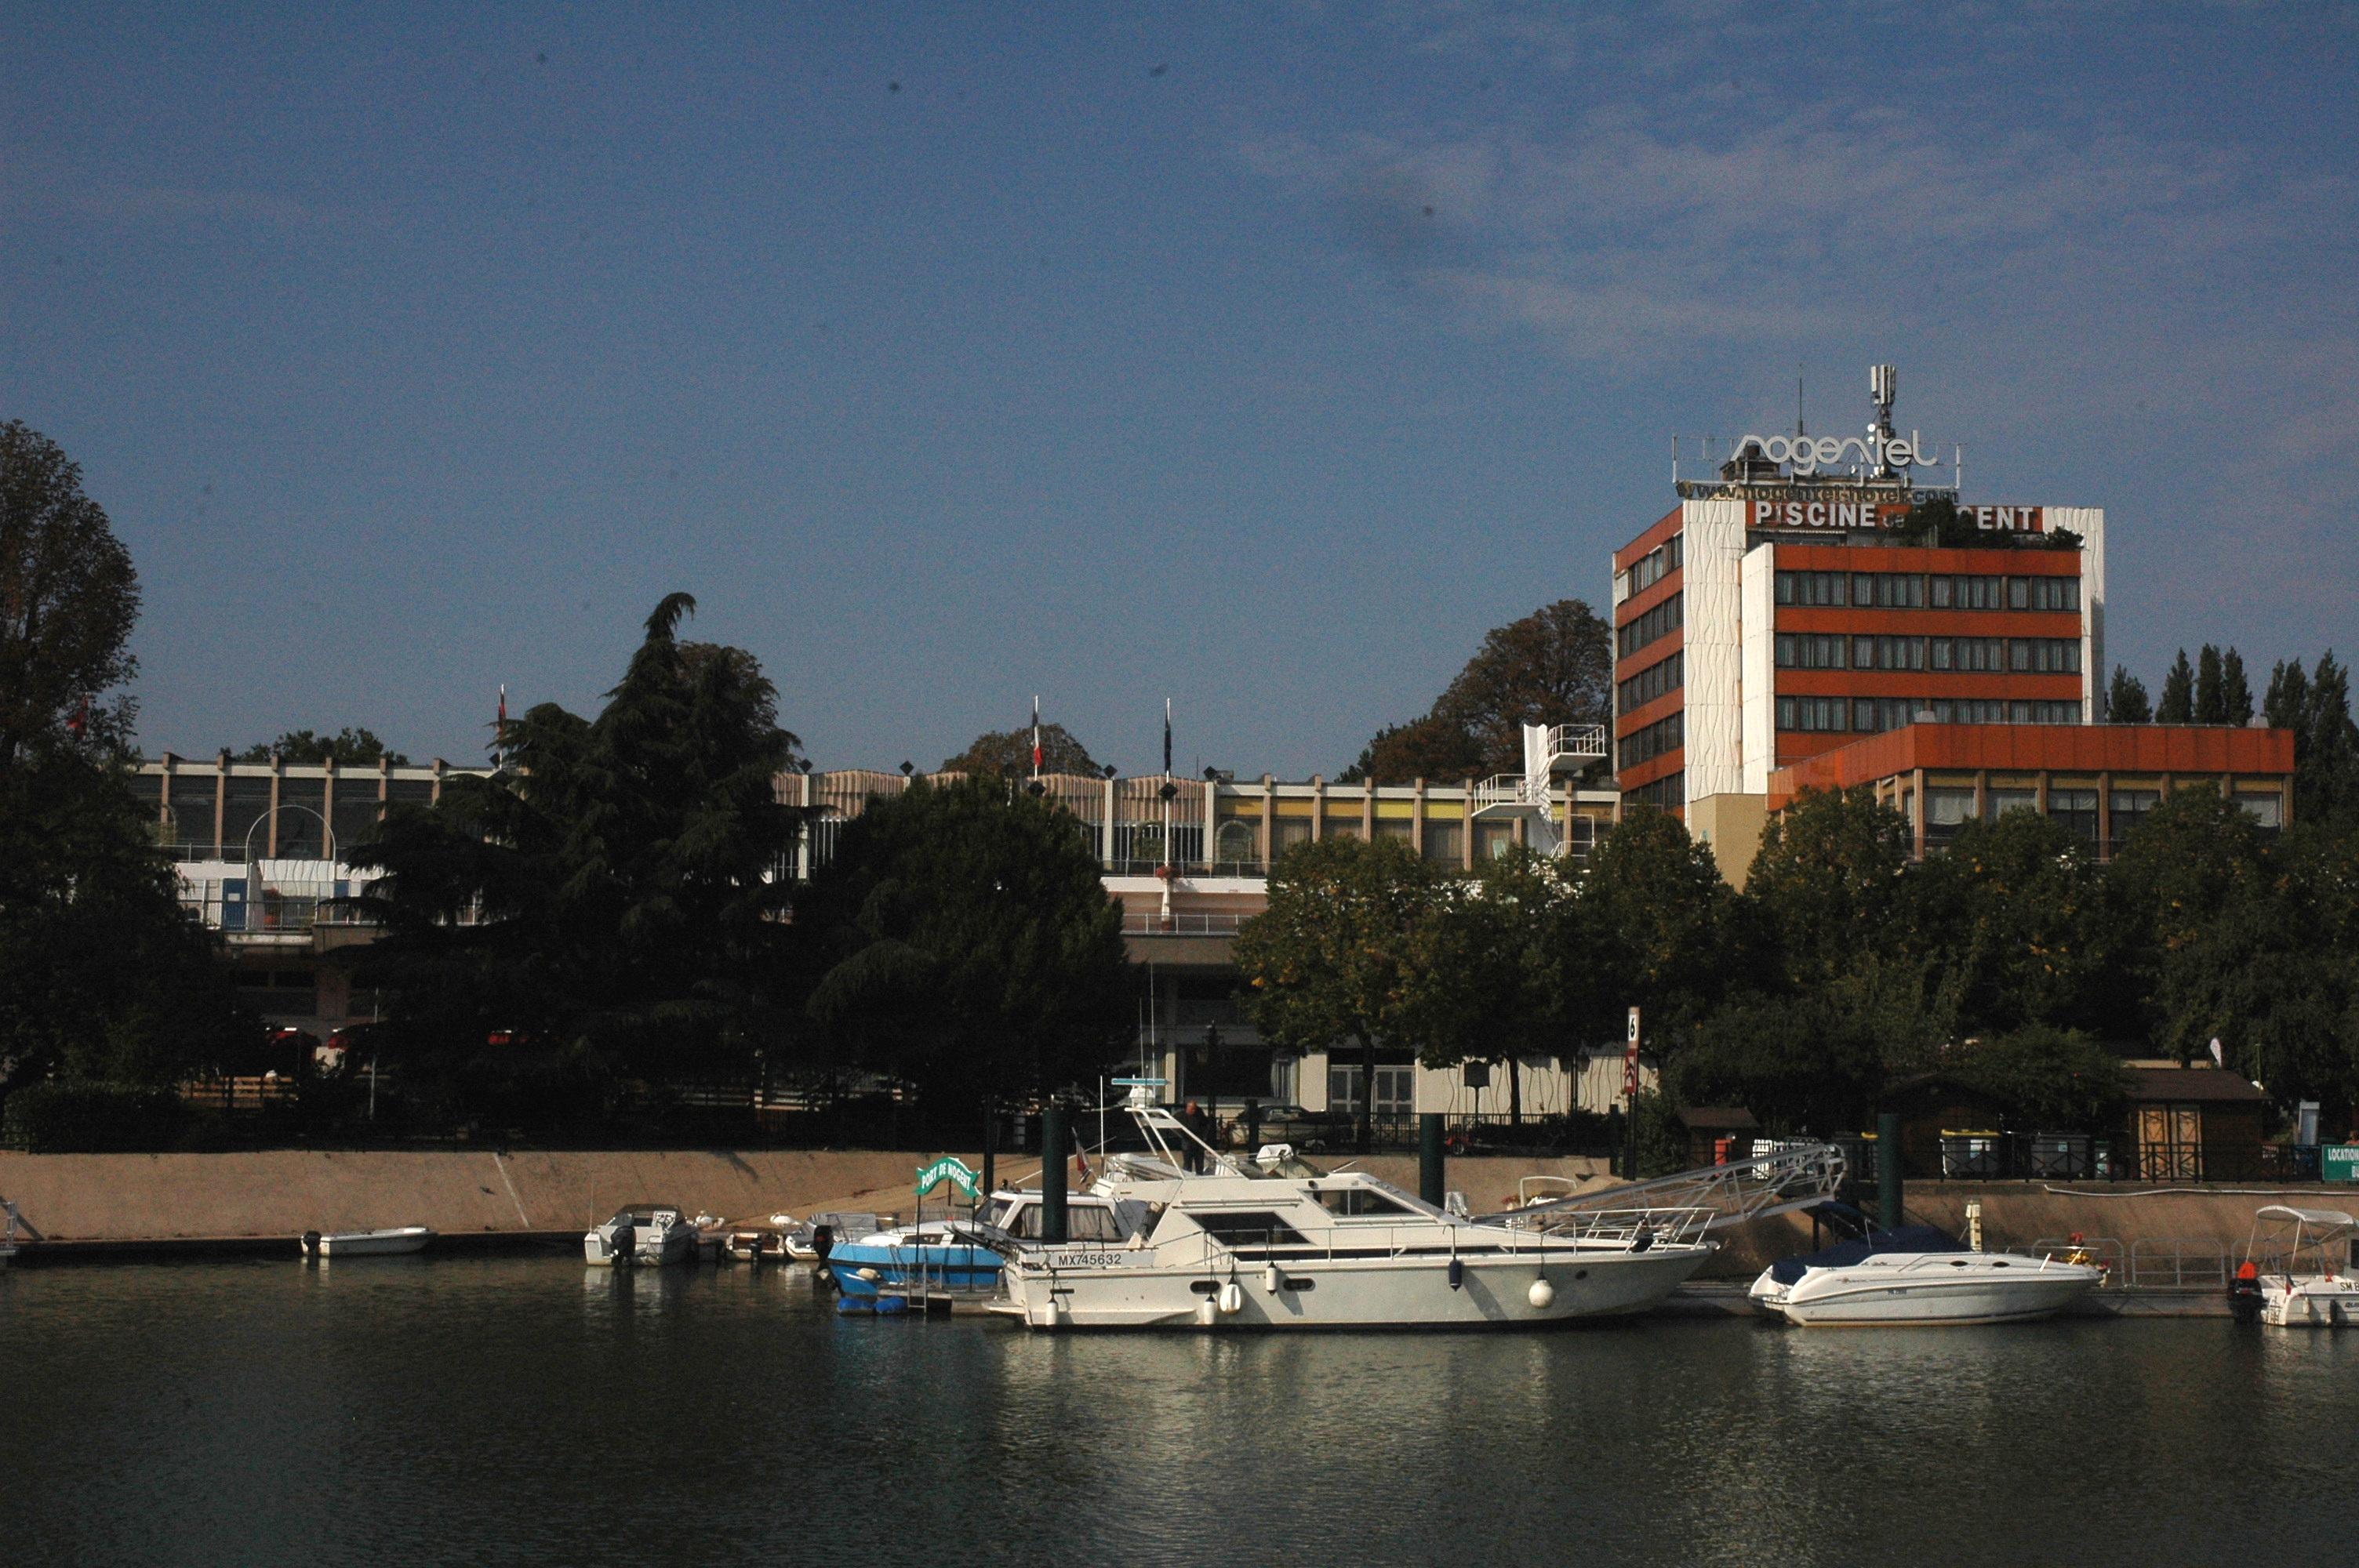 Port de plaisance nogent citoyen - Port de nogent sur marne ...